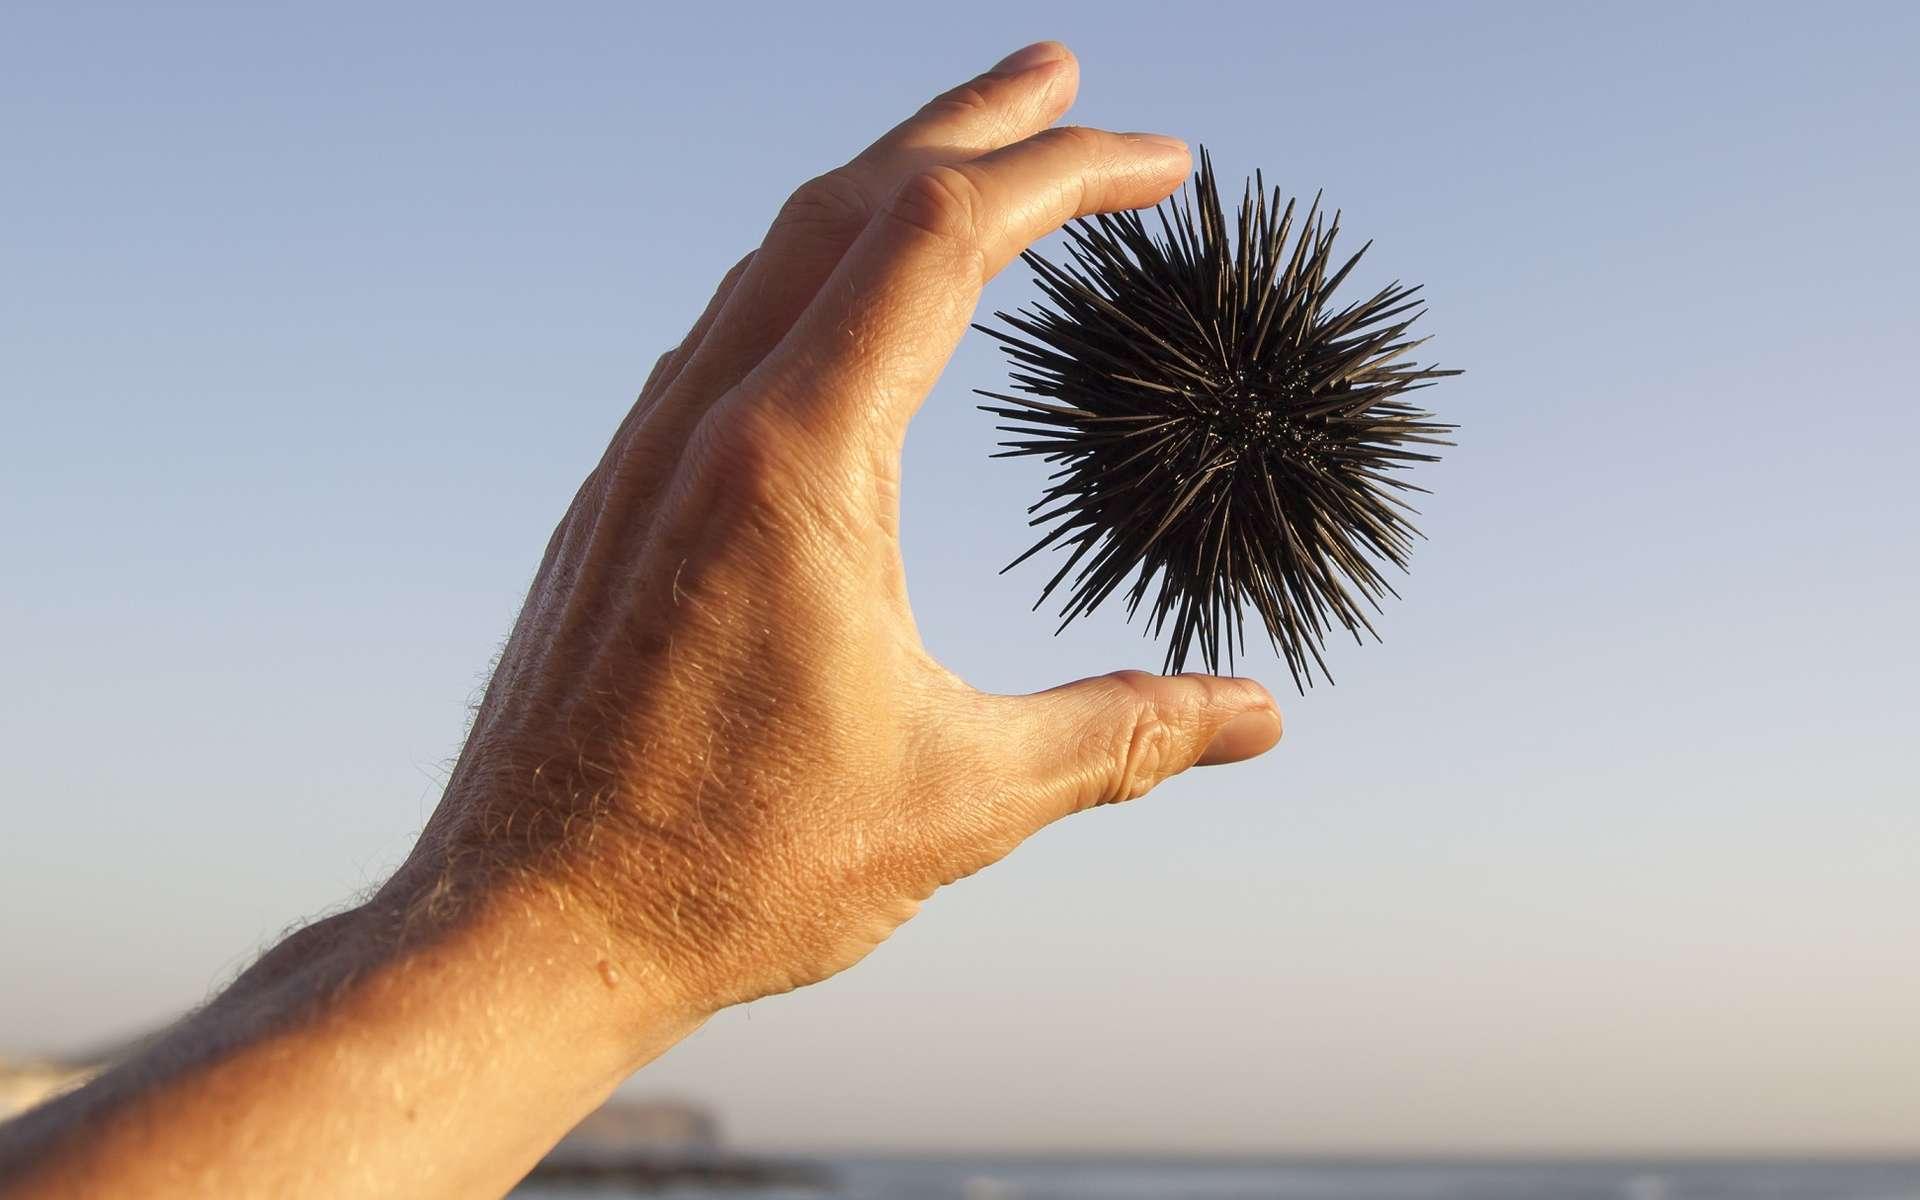 L'oursin est le nouvel animal star de la médecine régénérative. © Hallbergsf, Shutterstock